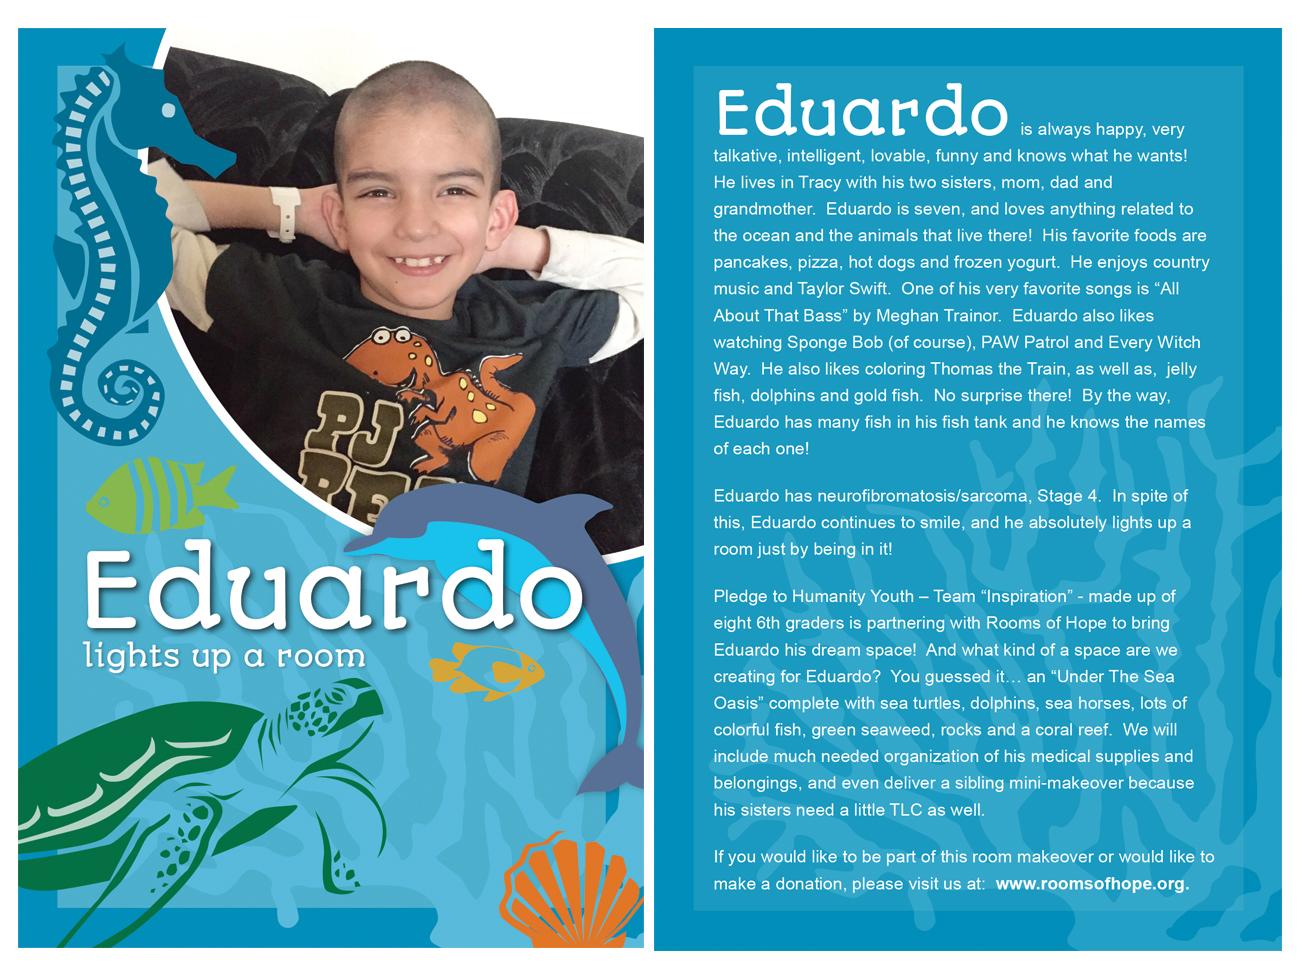 Eduardo_sidebyside